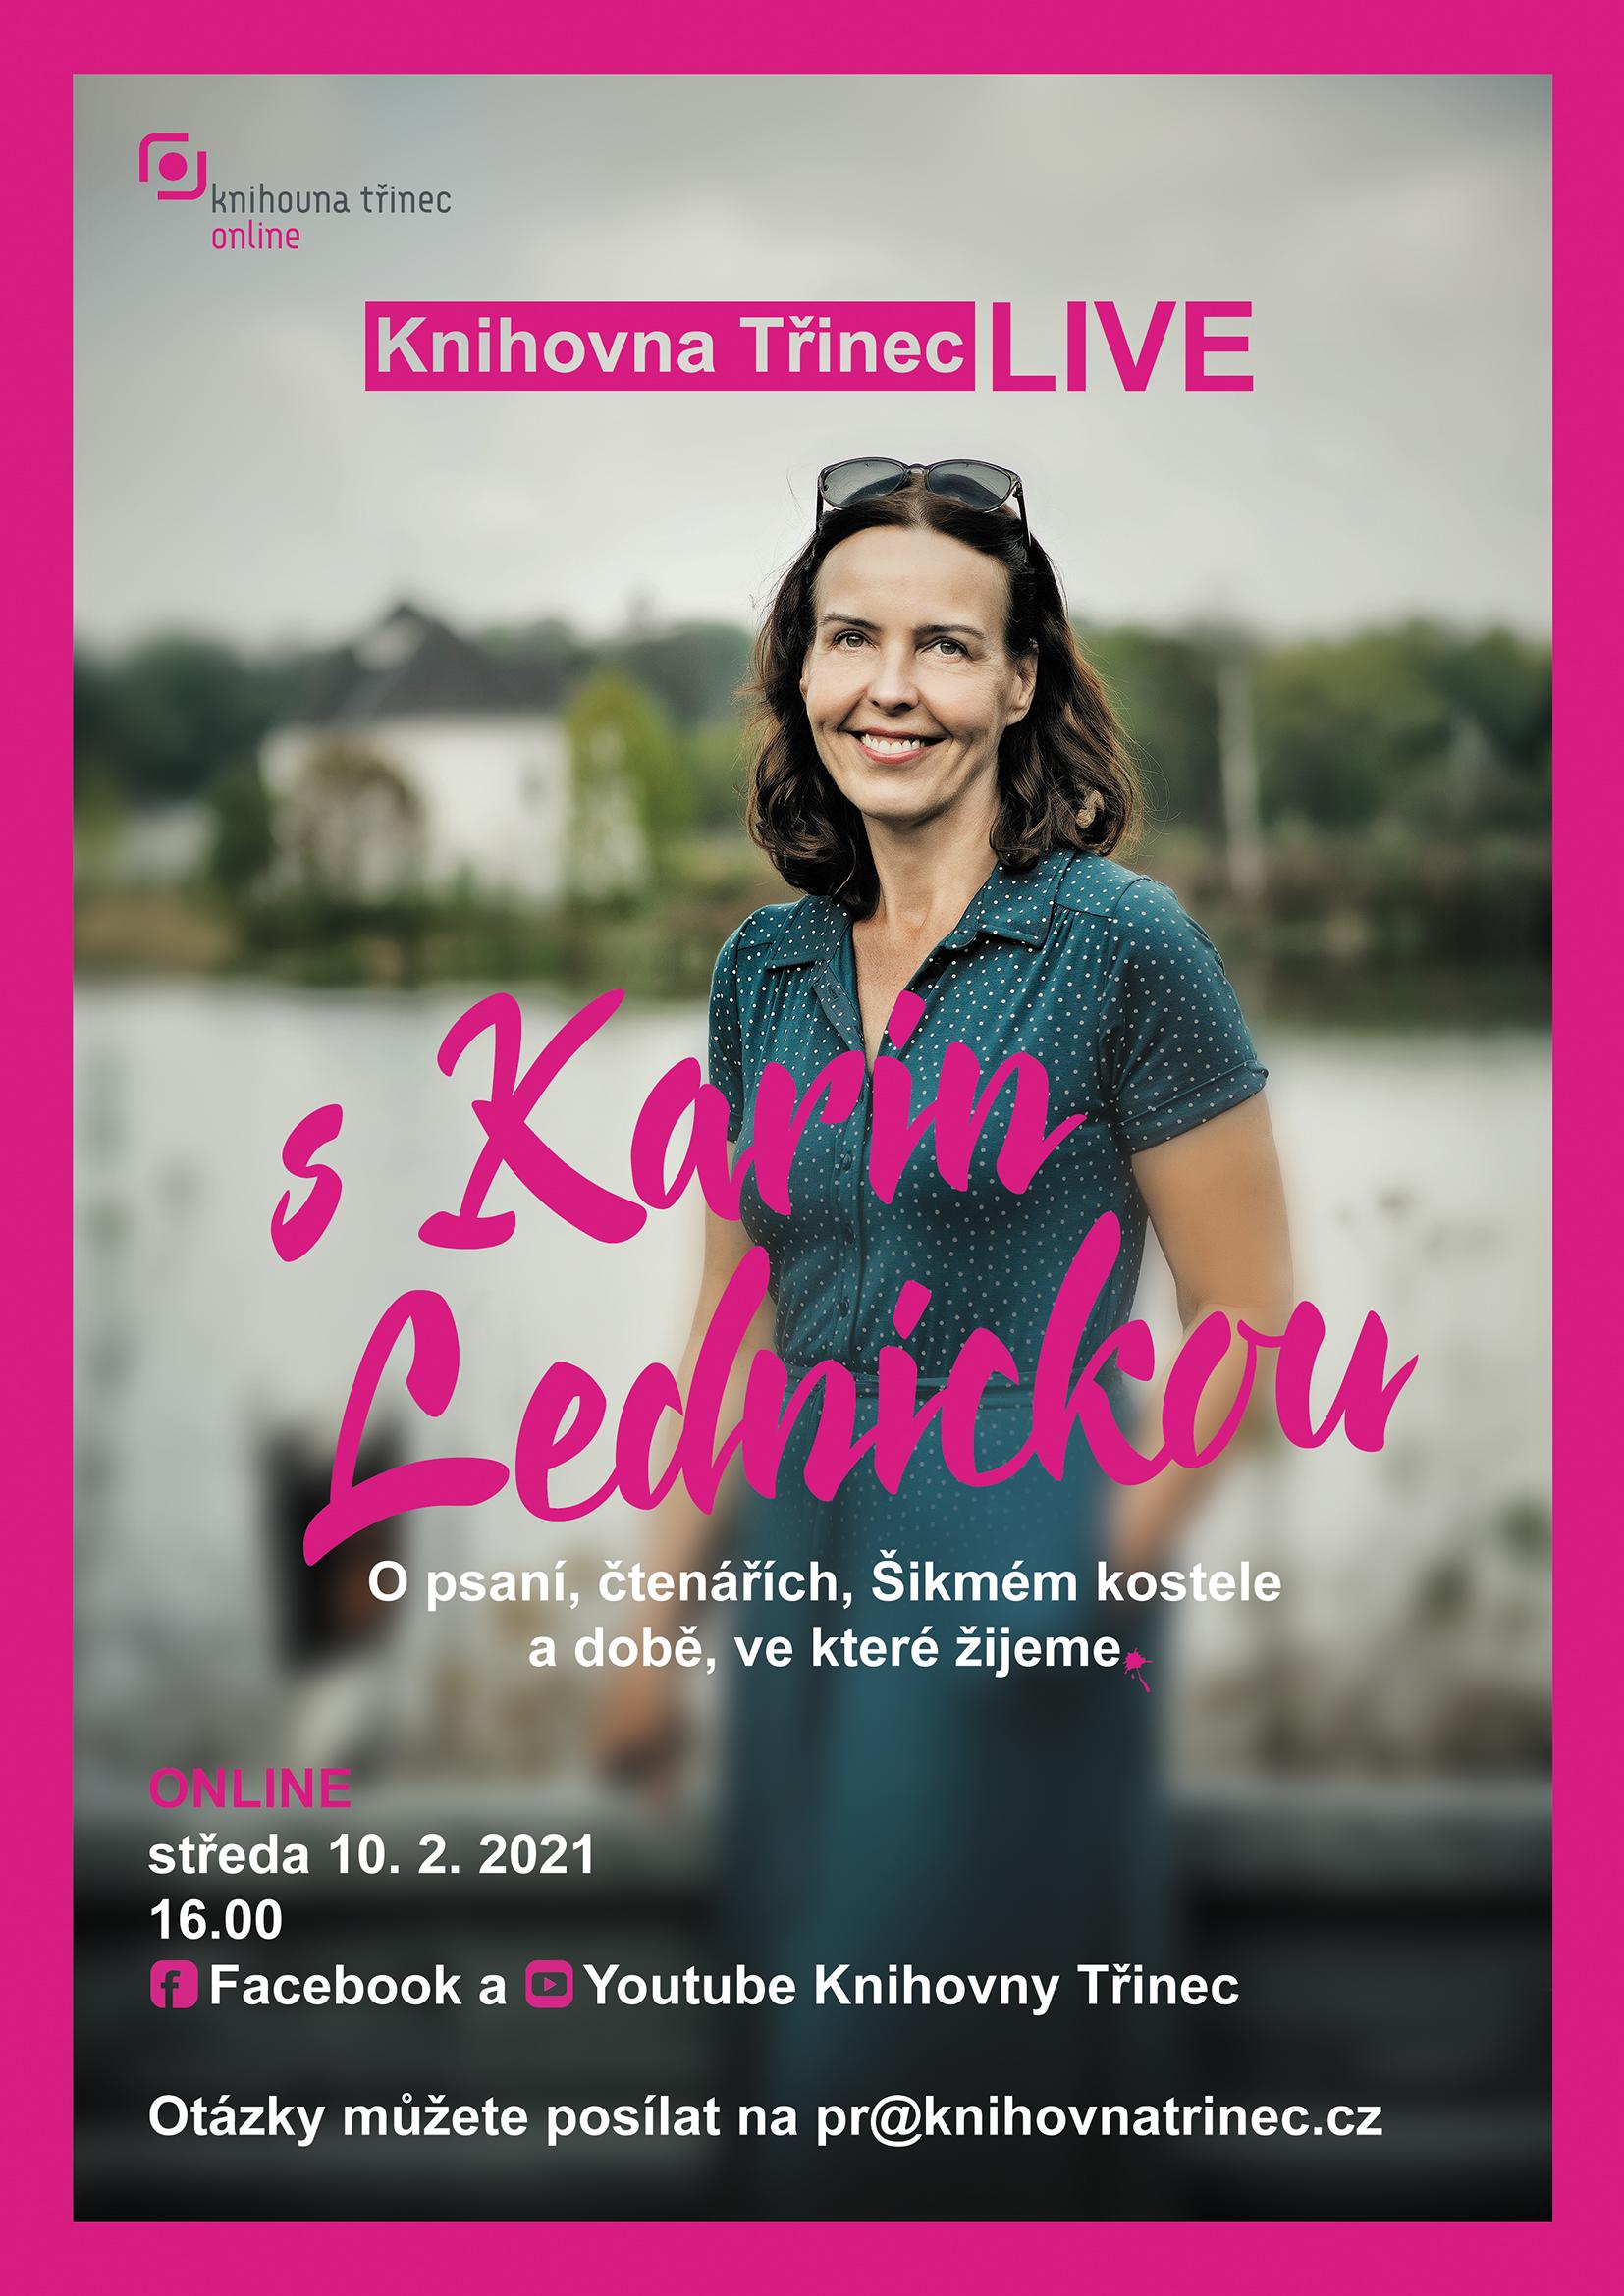 K3 LIVE Lednická